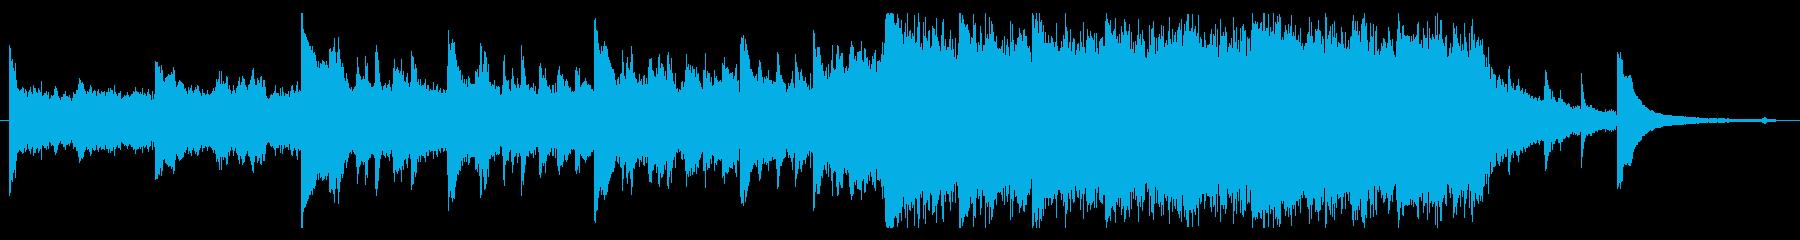 壮大で感動するバラードの再生済みの波形